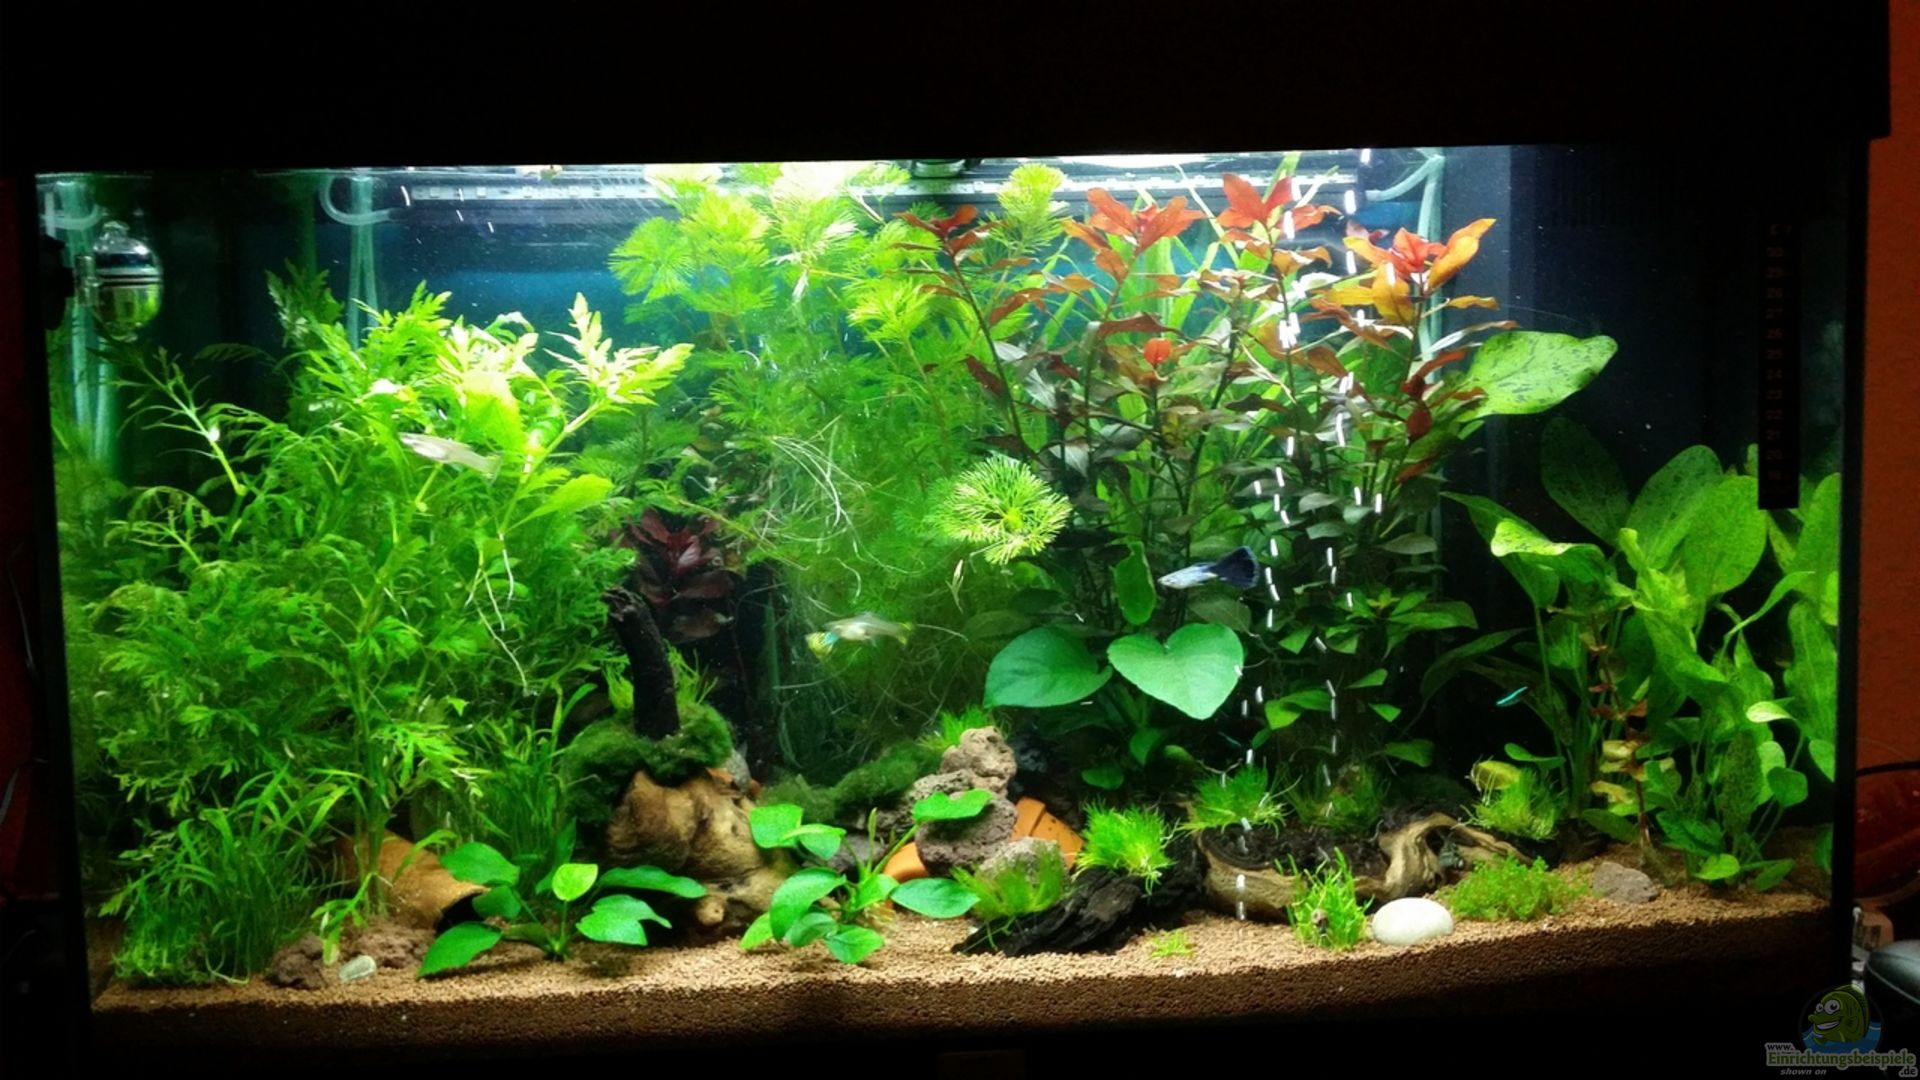 aquarium juwel rio 125 gesellschaftsaquarium aus juwel rio 125 gesellschaftsaquarium von. Black Bedroom Furniture Sets. Home Design Ideas